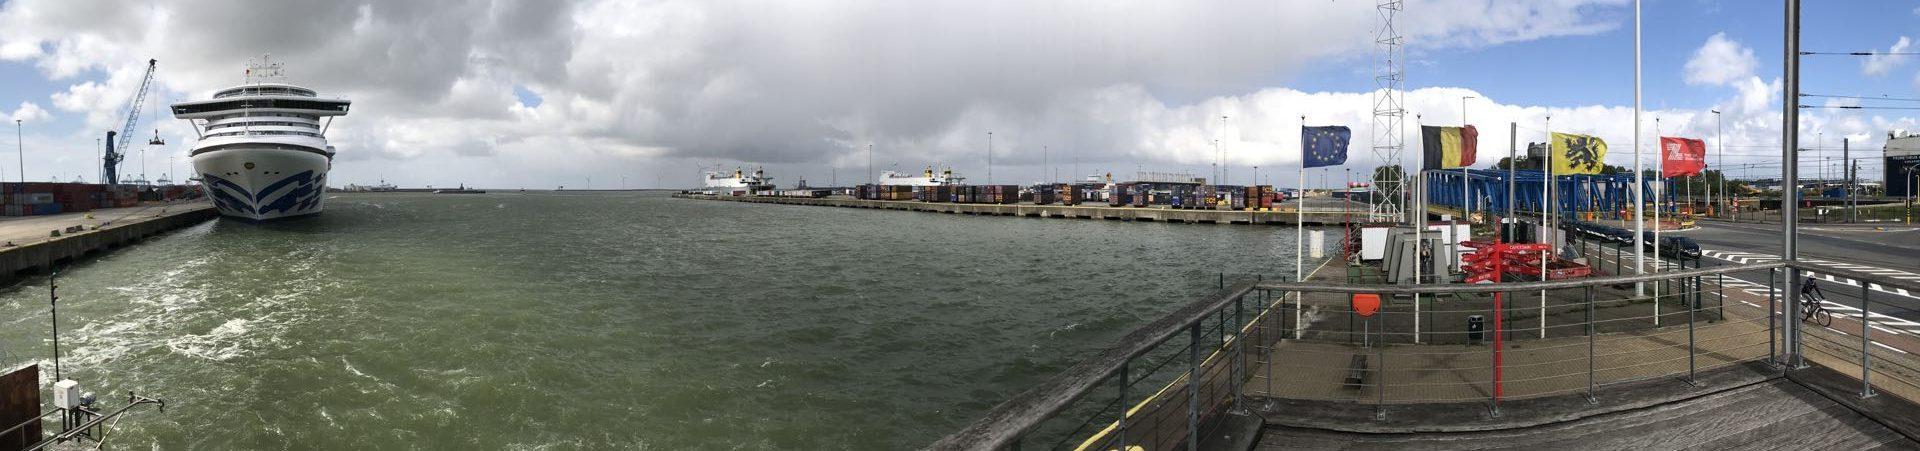 fietsroute fietsblog Zeebrugge haven review dok